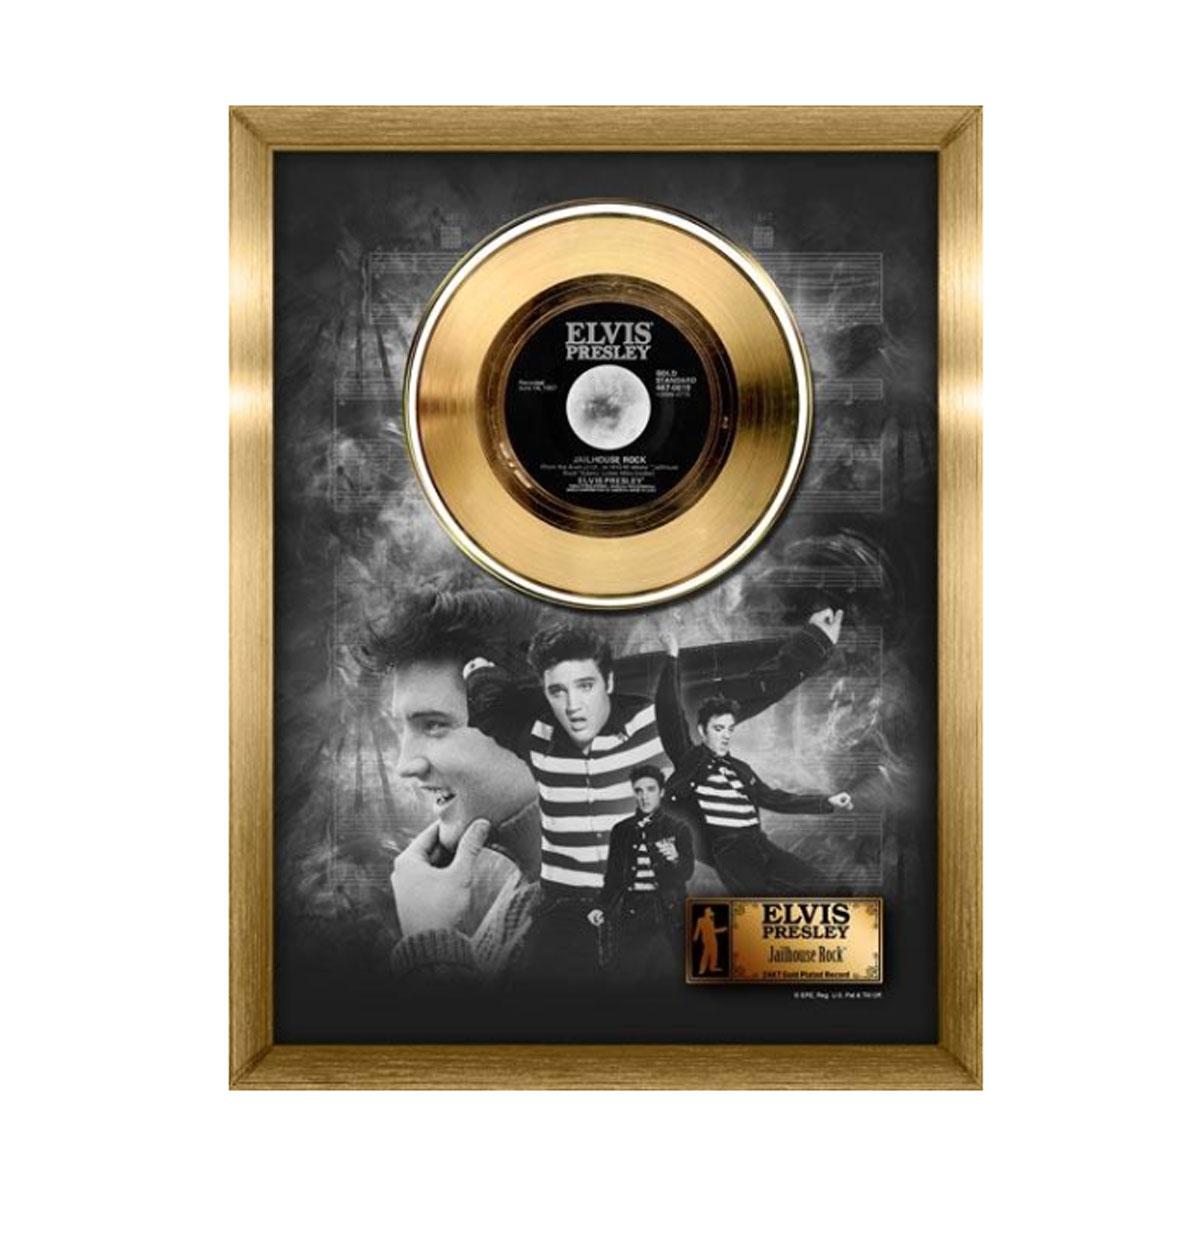 Elvis Presley Jailhouse Rock Gouden plaat